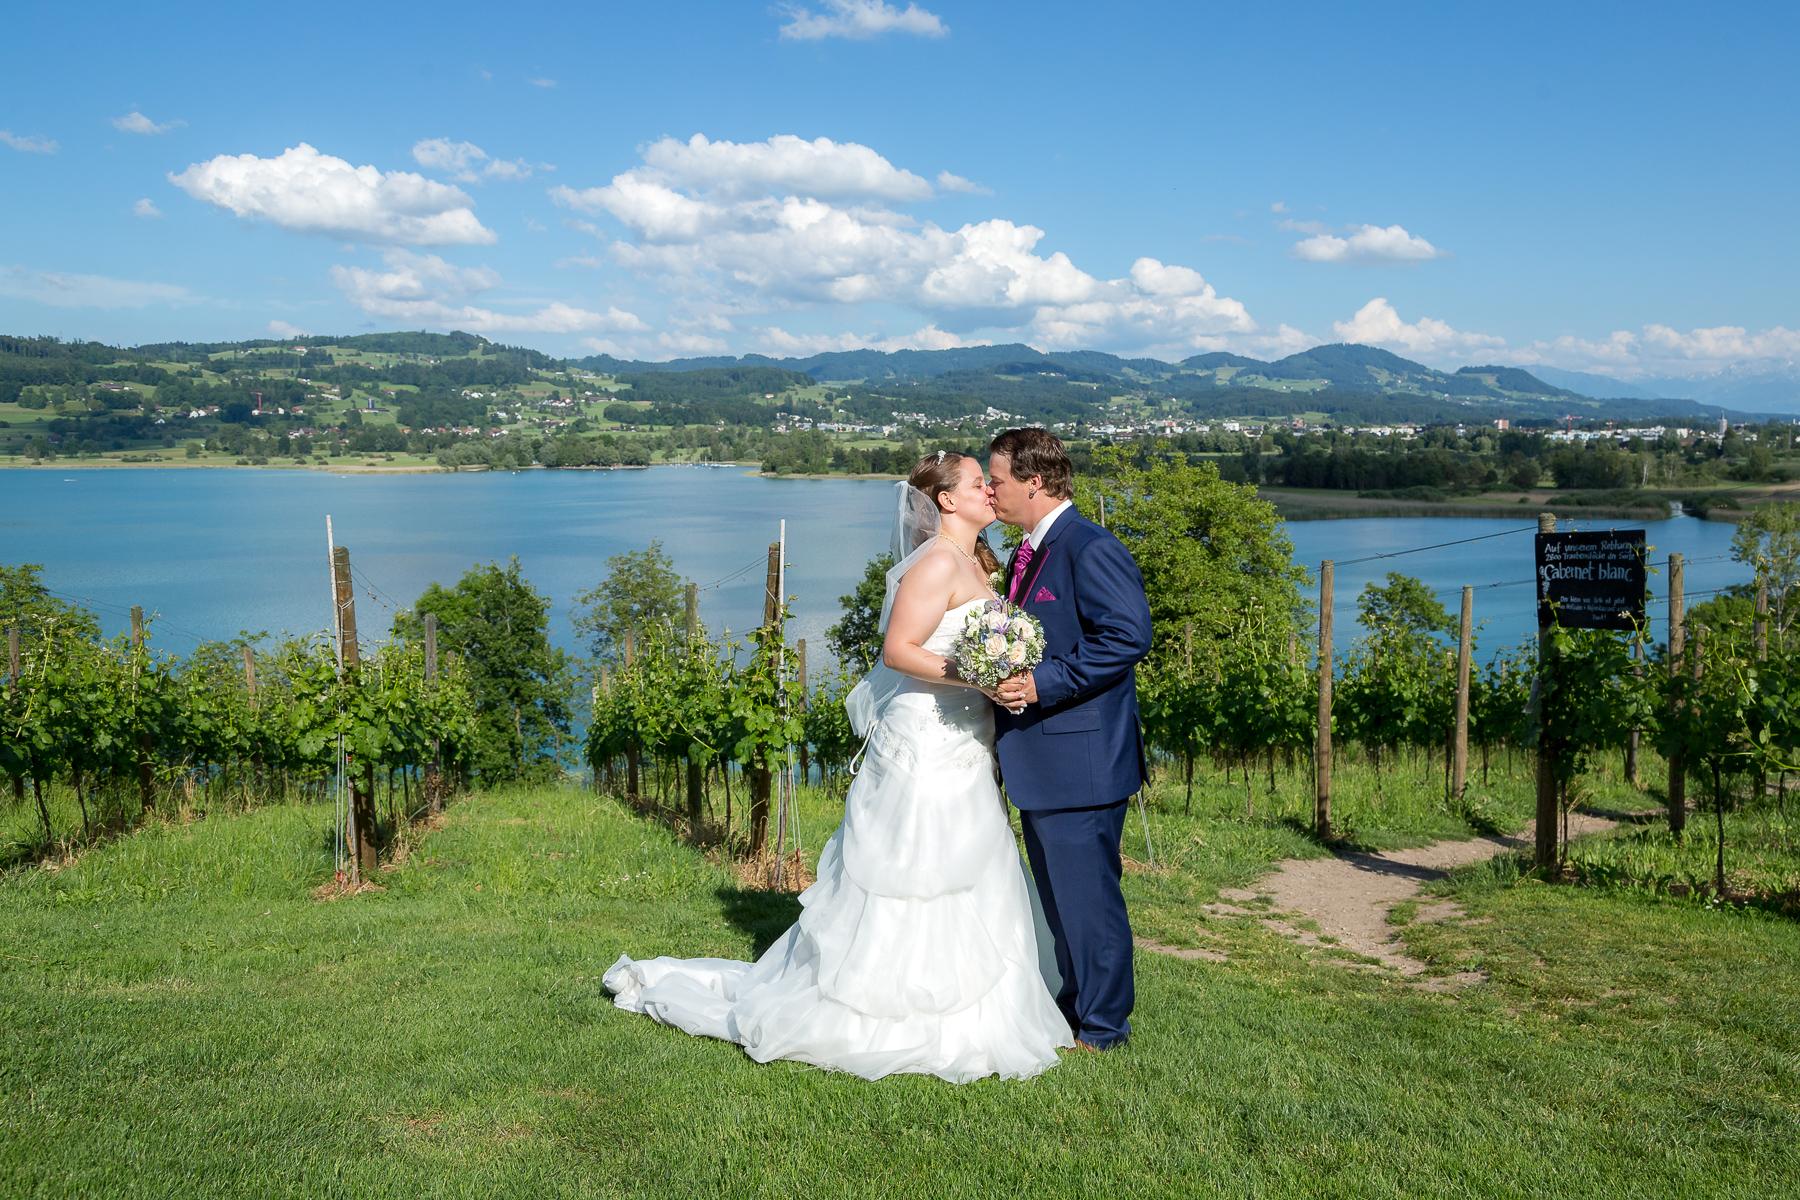 Hochzeitsfotograf in Kloten und auf der Juckerfarm Seegräben